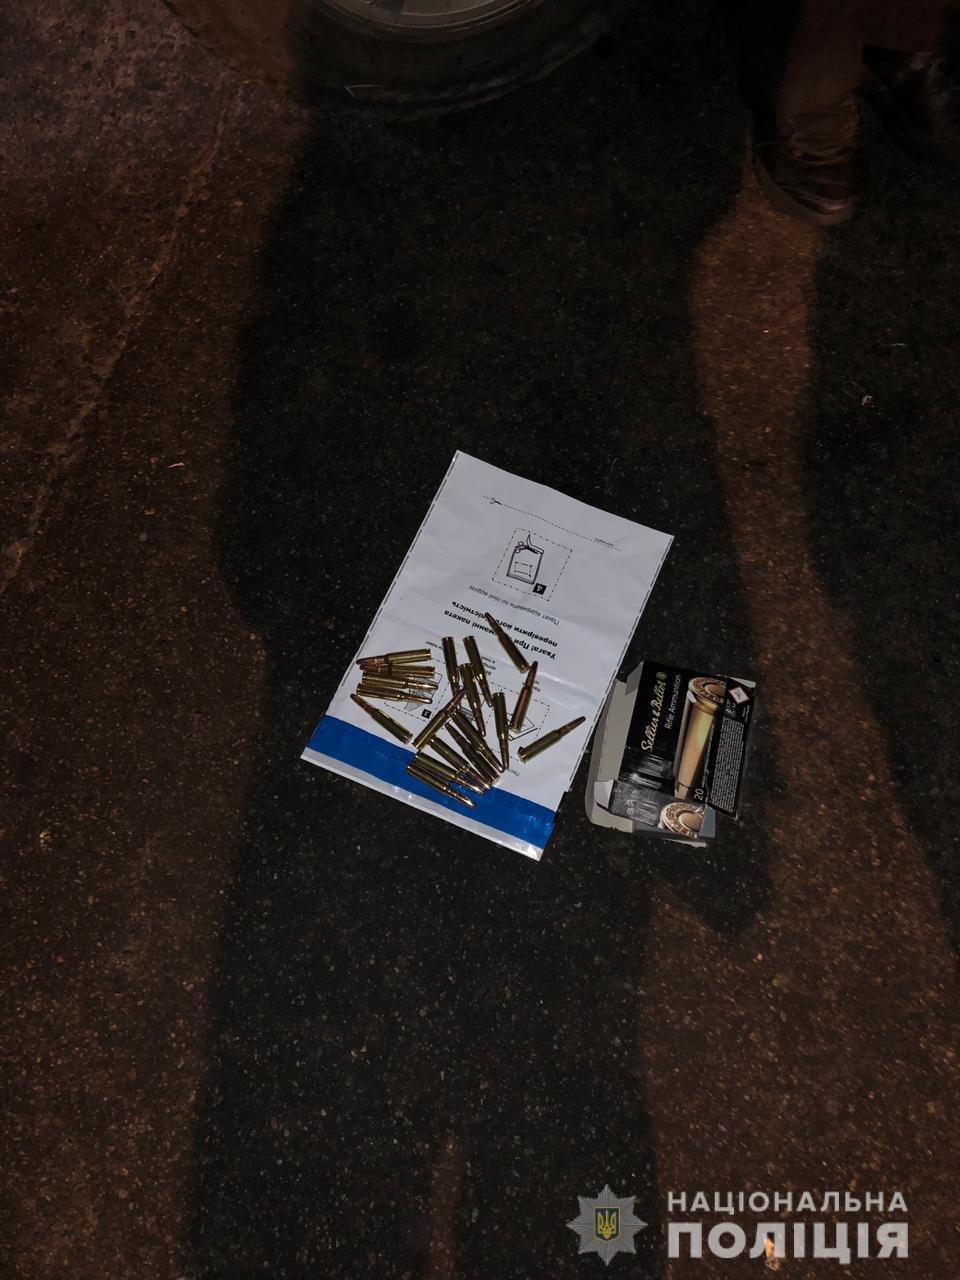 В Запорожье мужчина устроил стрельбу и пытался скрыться на авто: подробности вчерашней перестрелки, – ФОТО